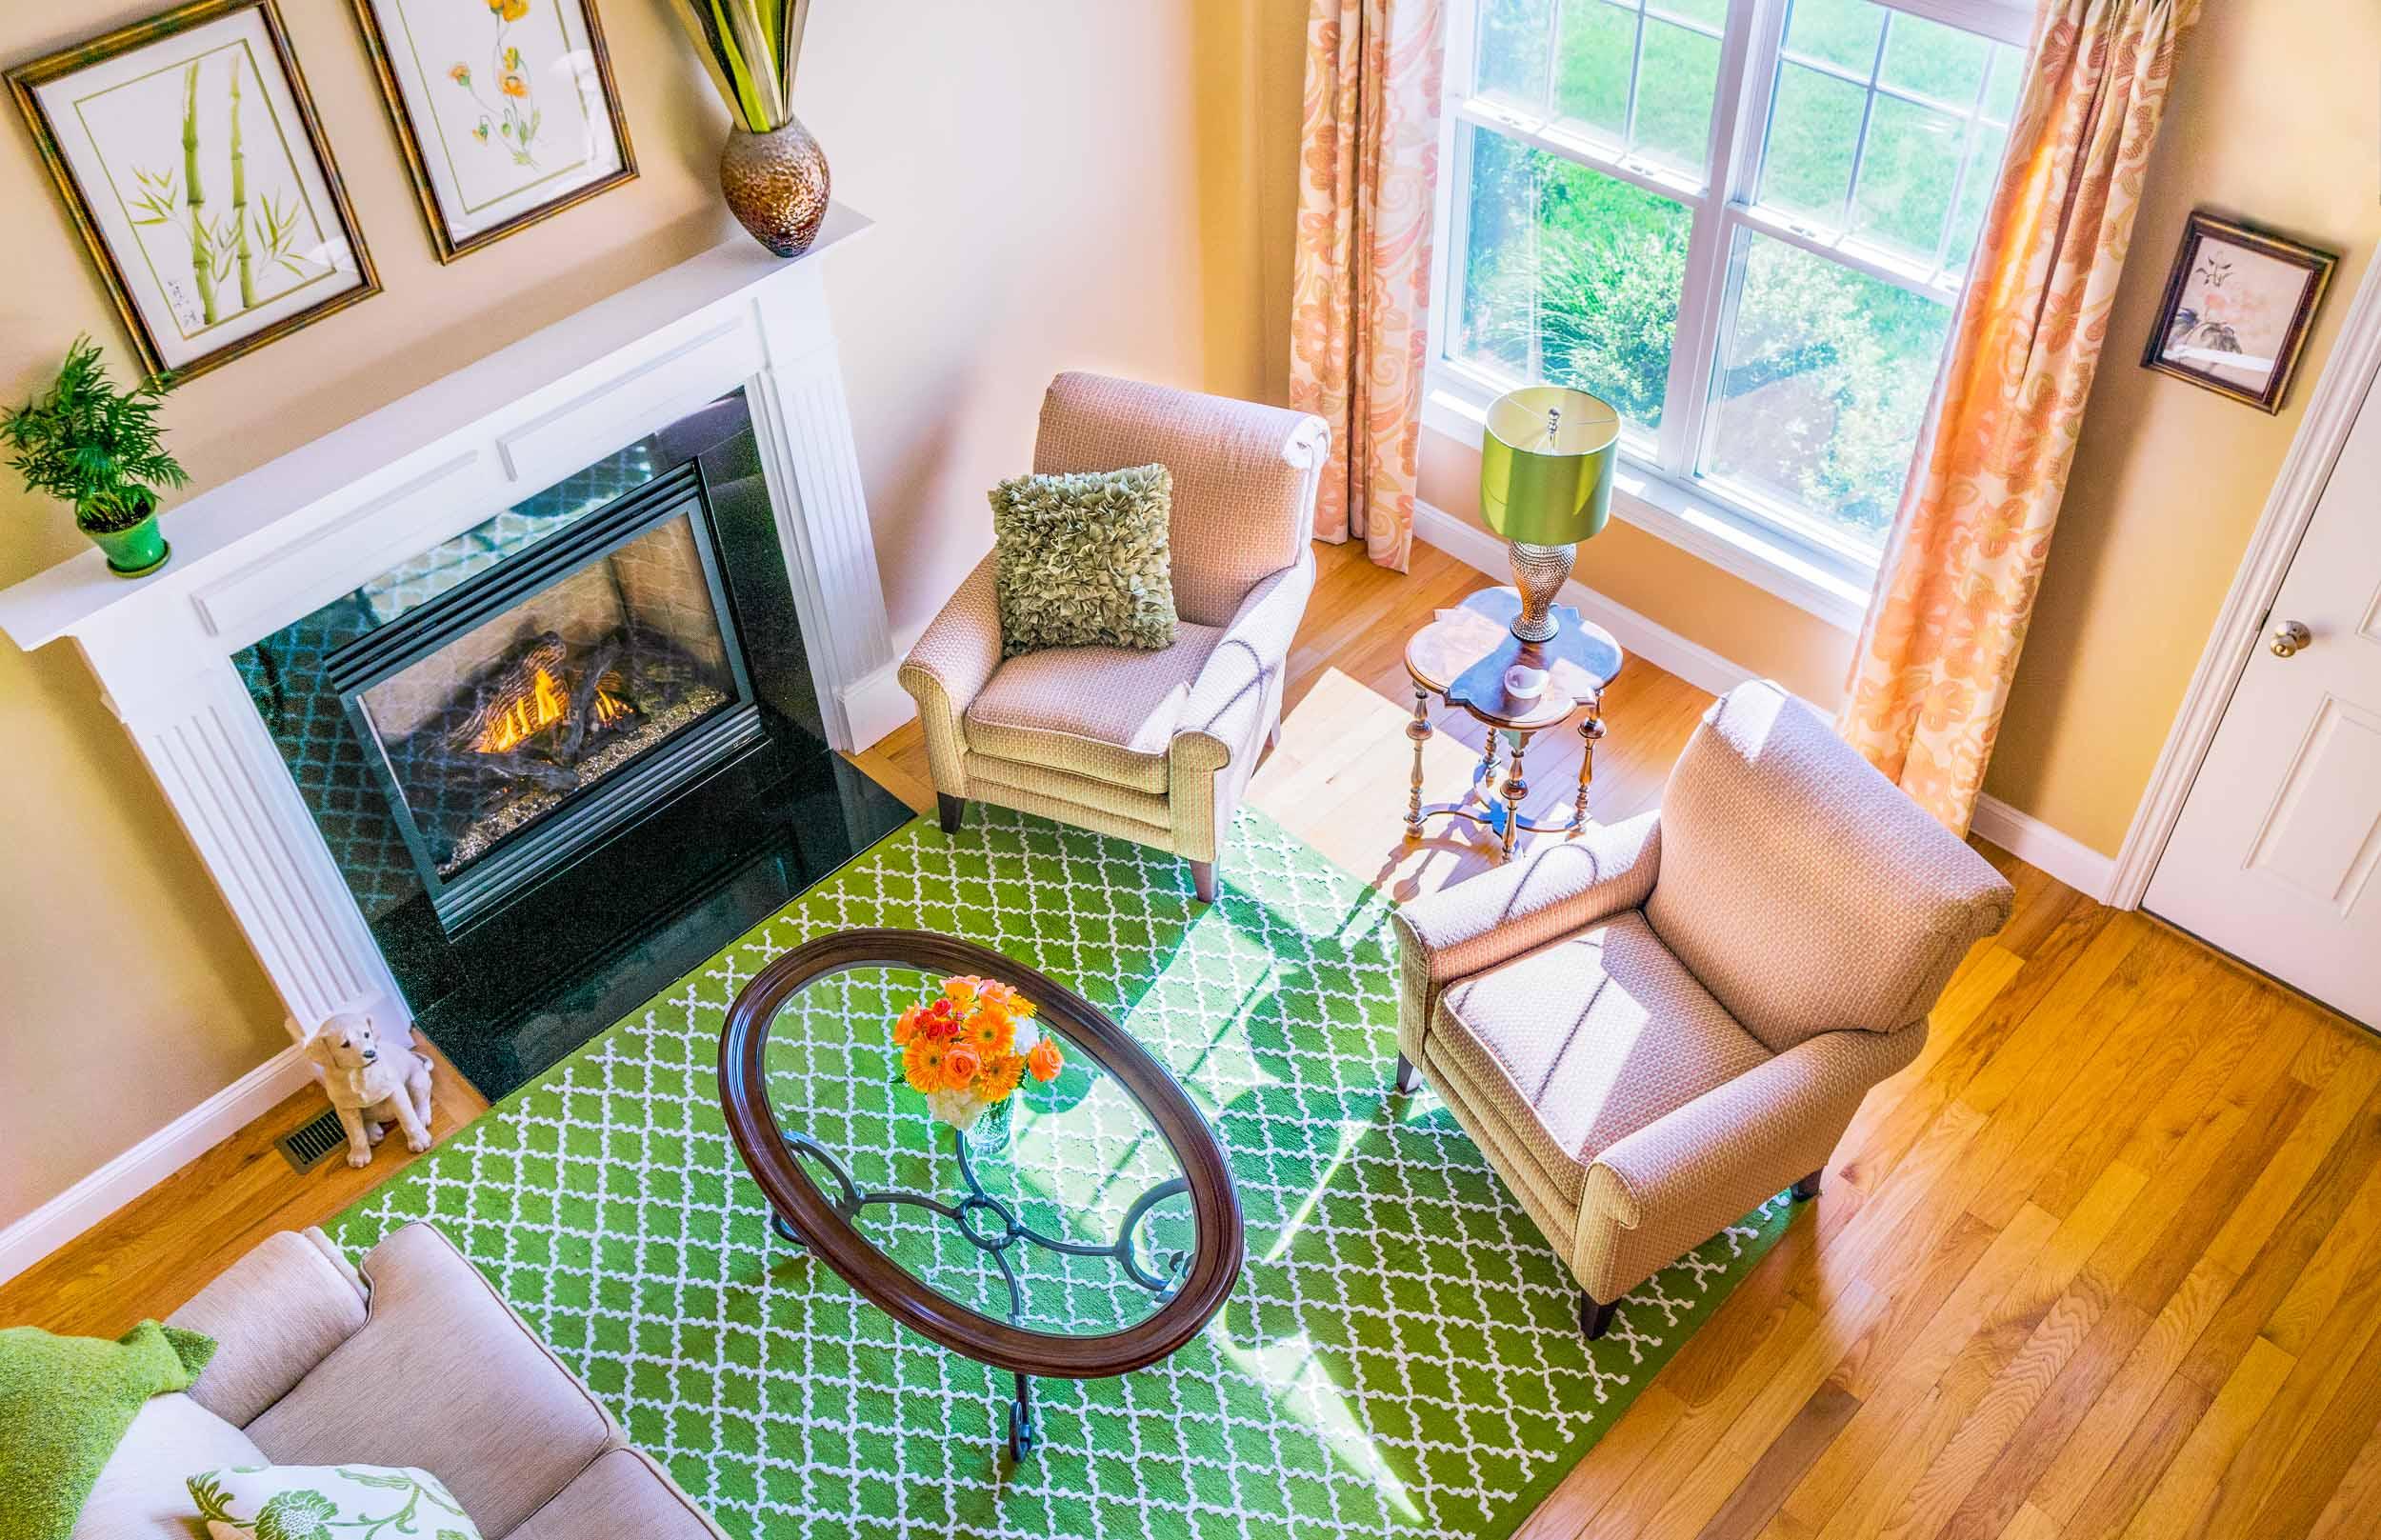 Condominium interior design for a 55+ community.